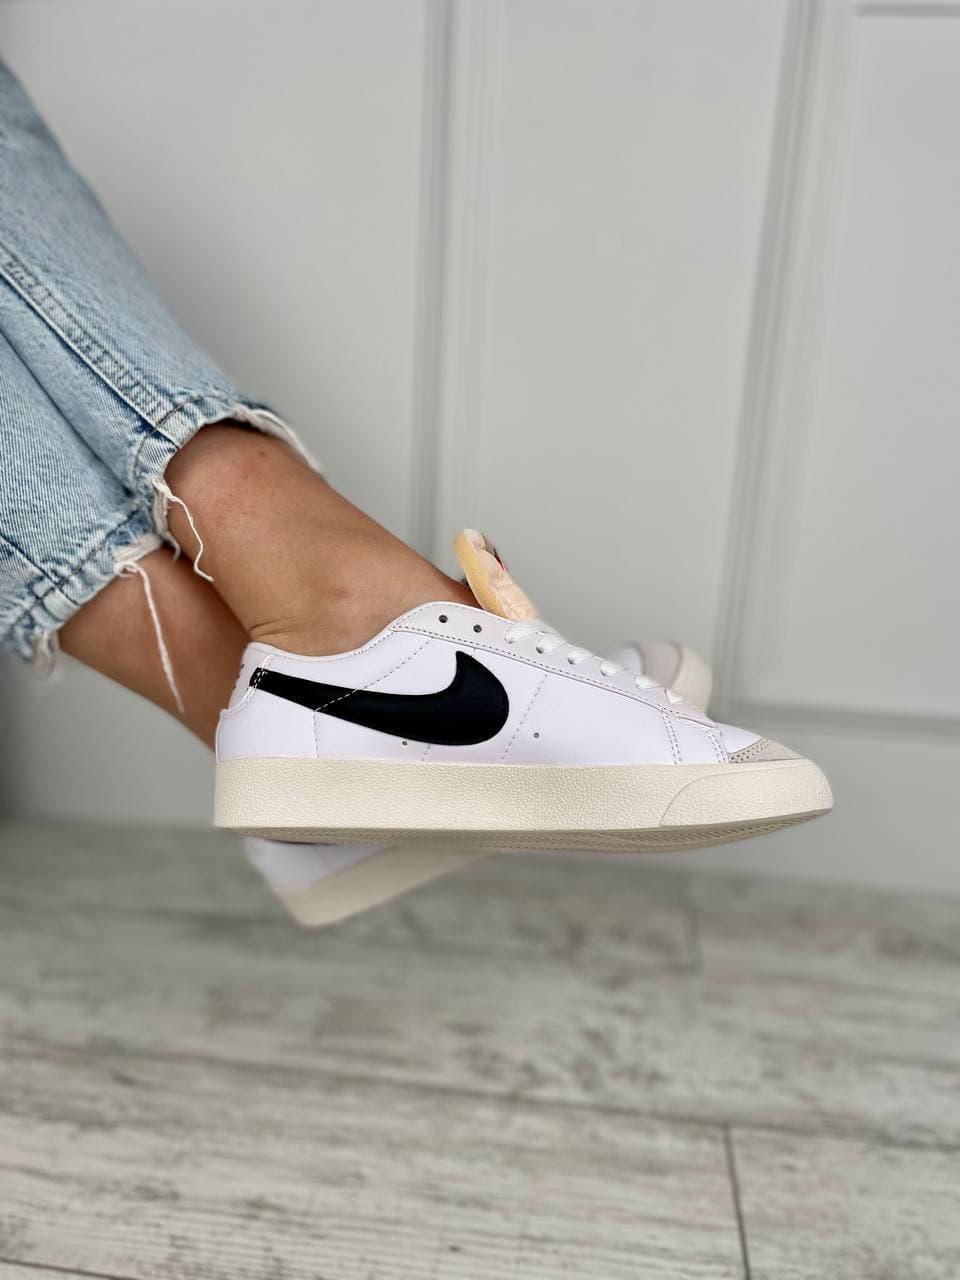 Кроссовки женские белые с черным логотипом. Женские стильные кроссовки белые.